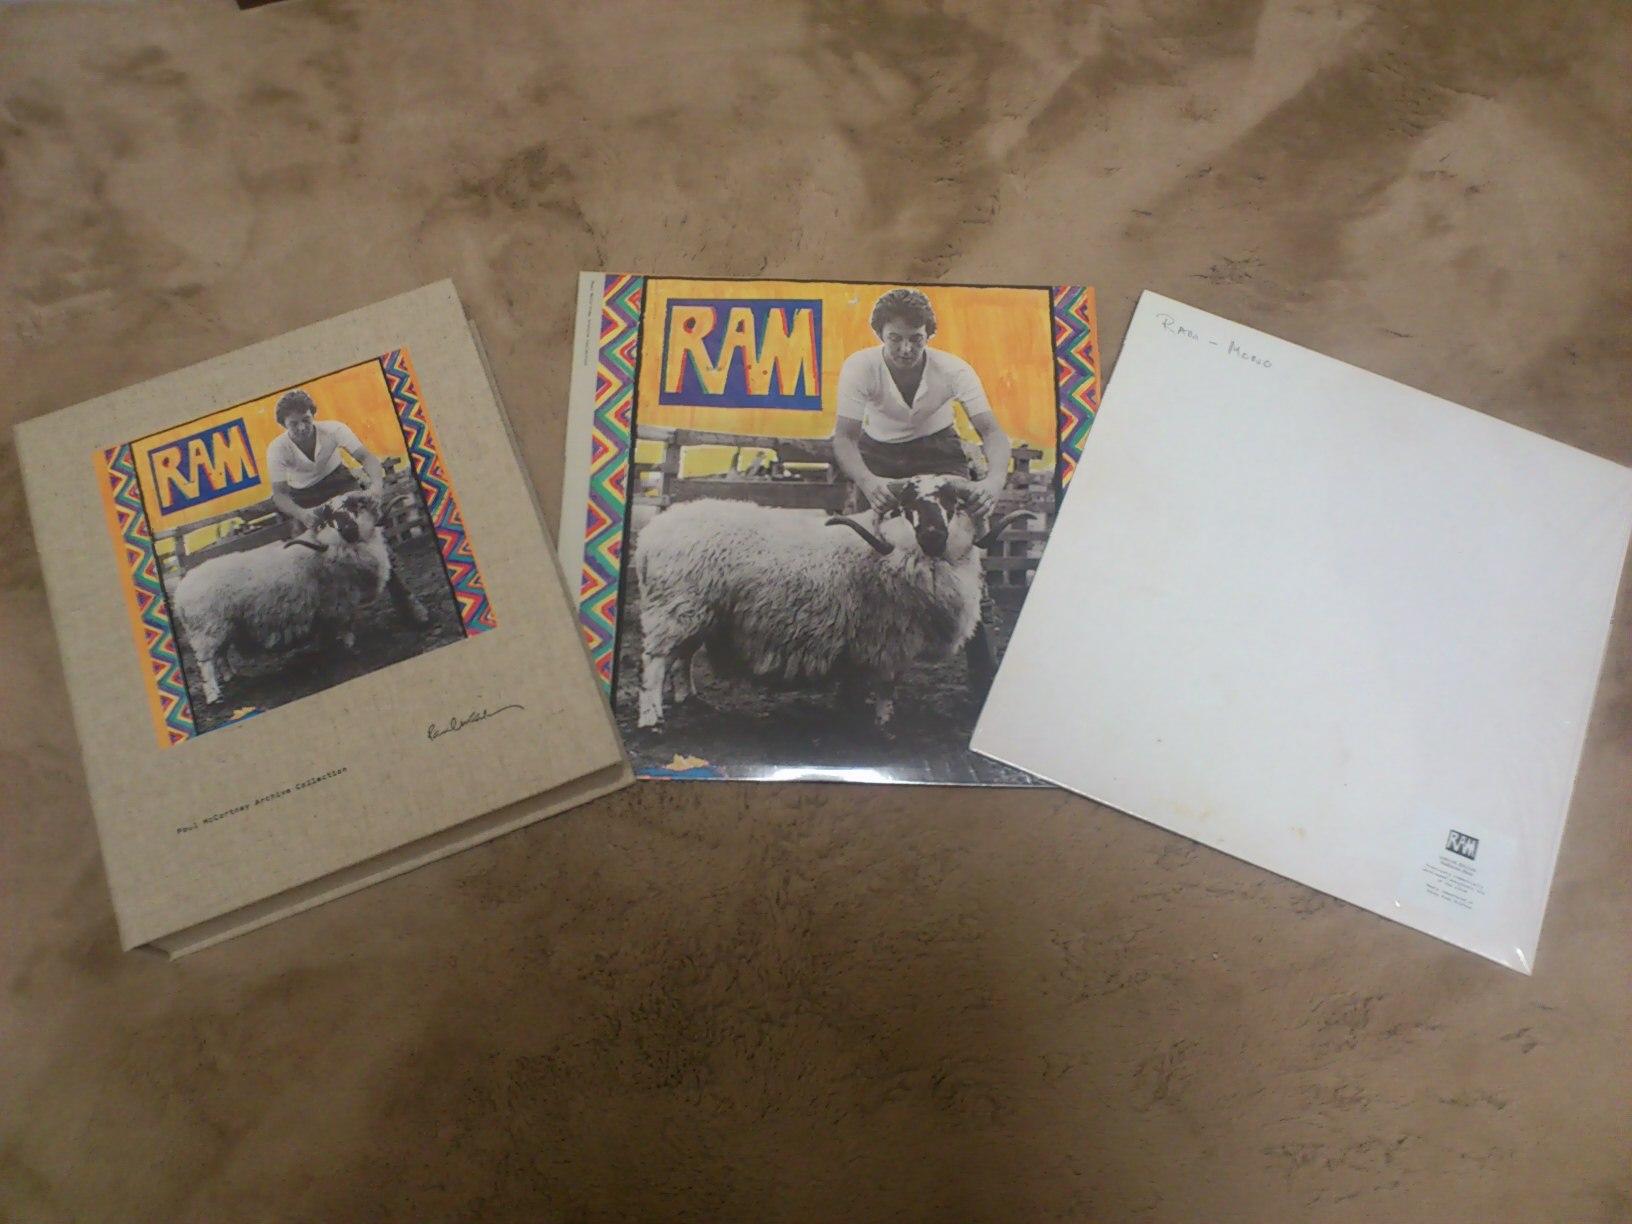 「ざまーみろ」 ポール・マッカートニー「RAM」再発売にあたって_a0189732_18545648.jpg